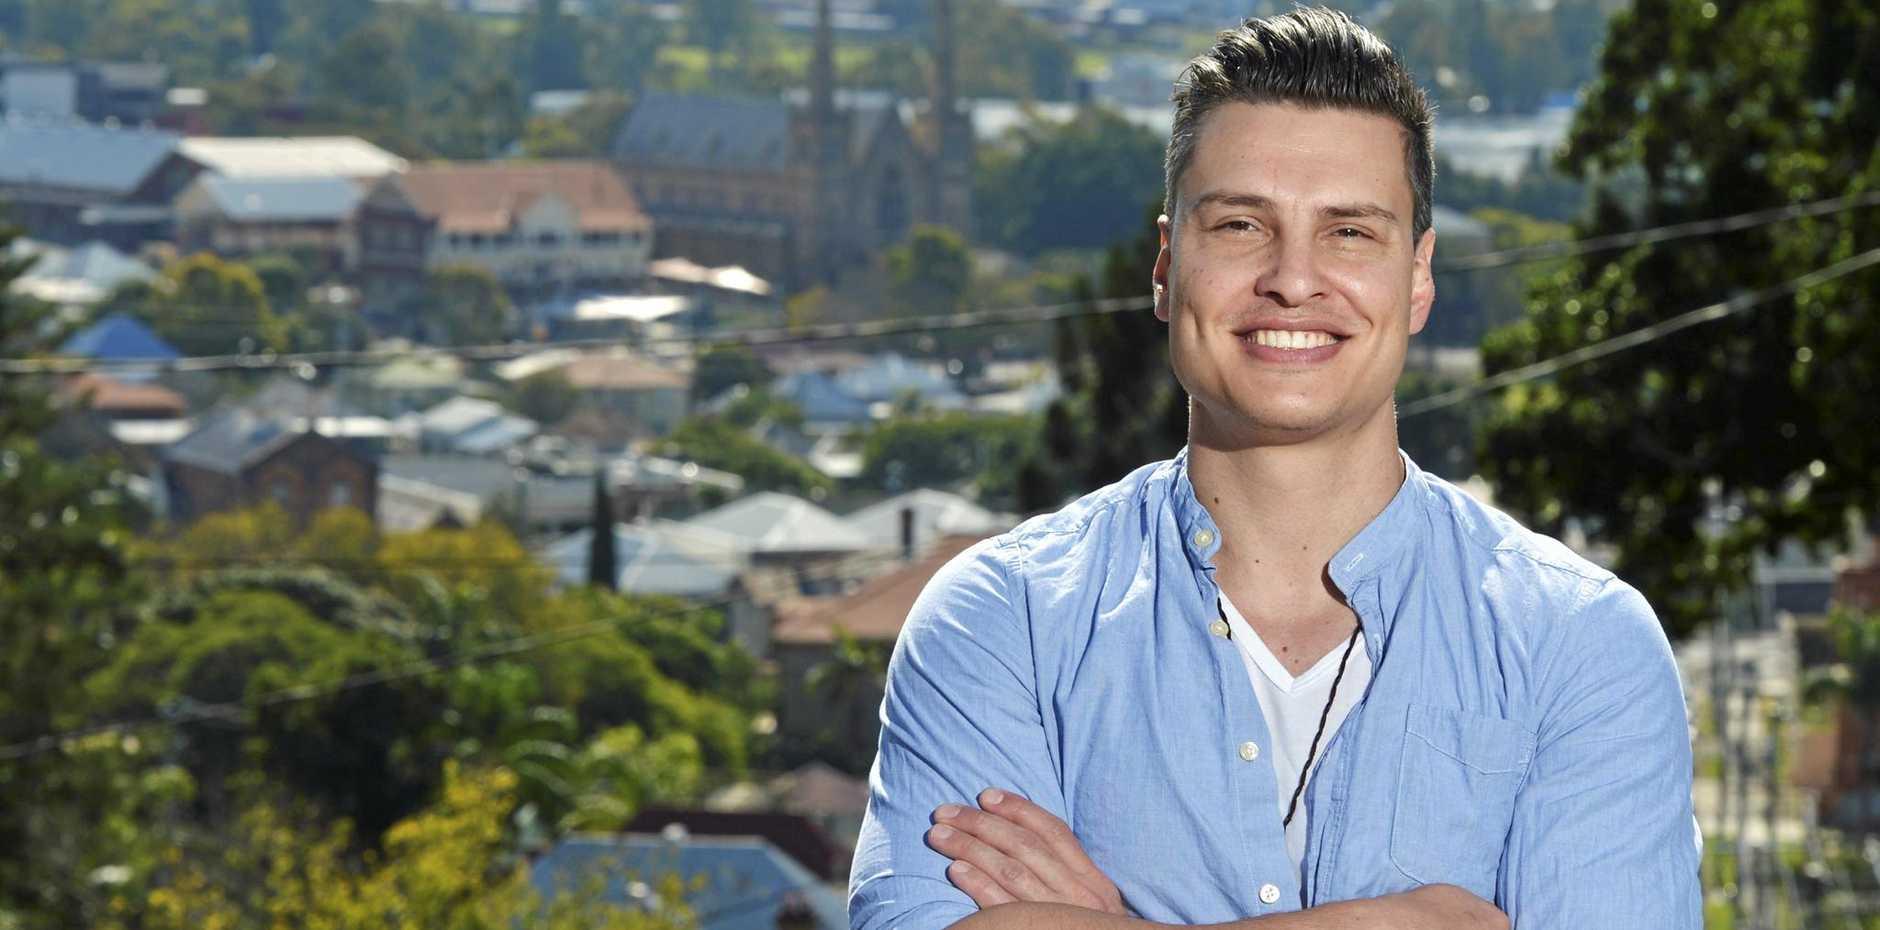 Masterchef 2017 contestant Ben Ungermann.